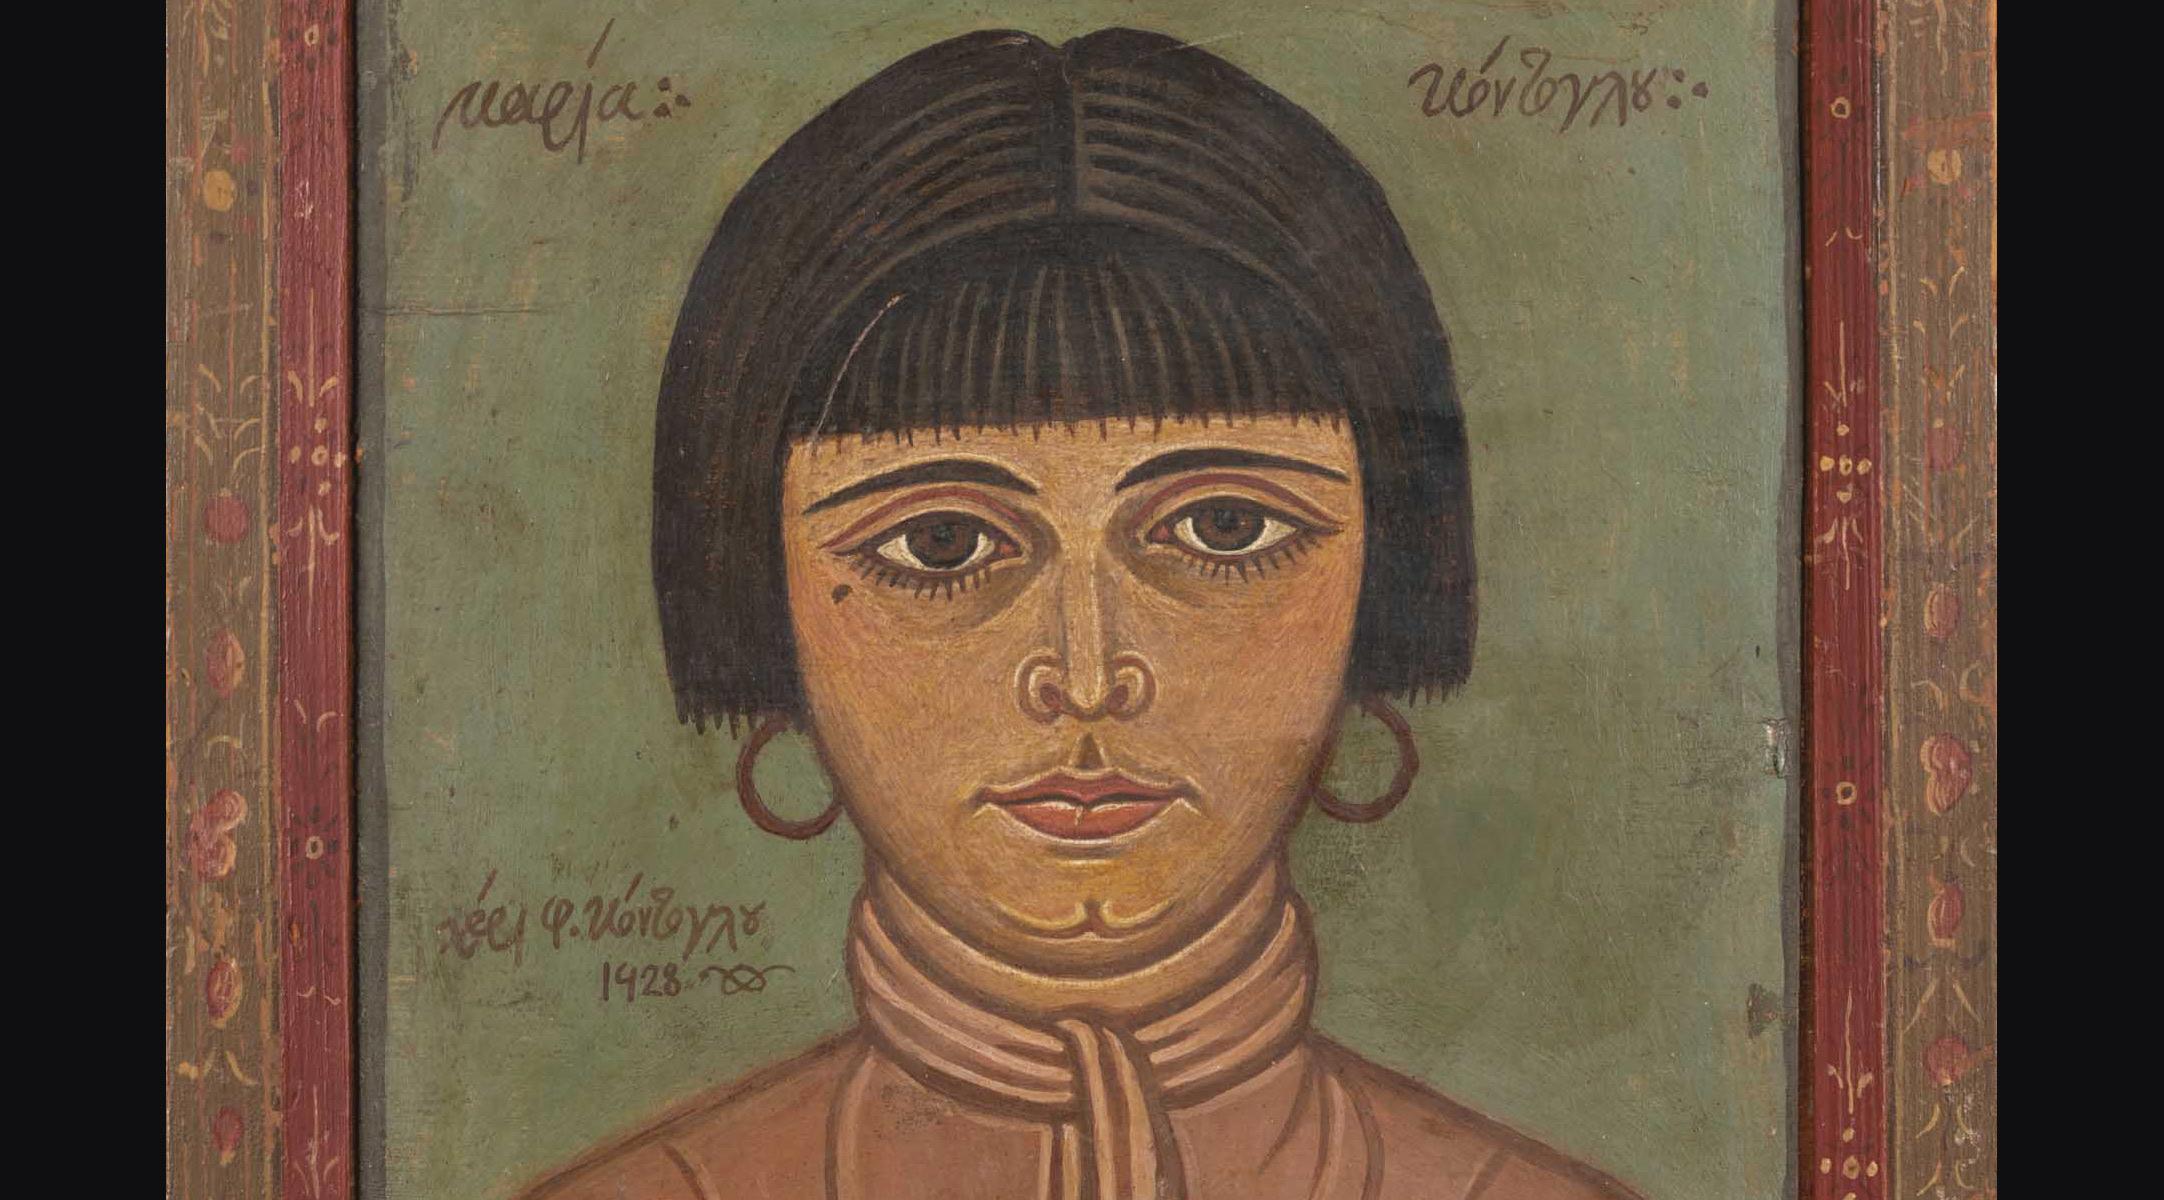 Νεοελληνική Ζωγραφική και Γλυπτική, Ιστορικά και Φιλελληνικά Αντικείμενα